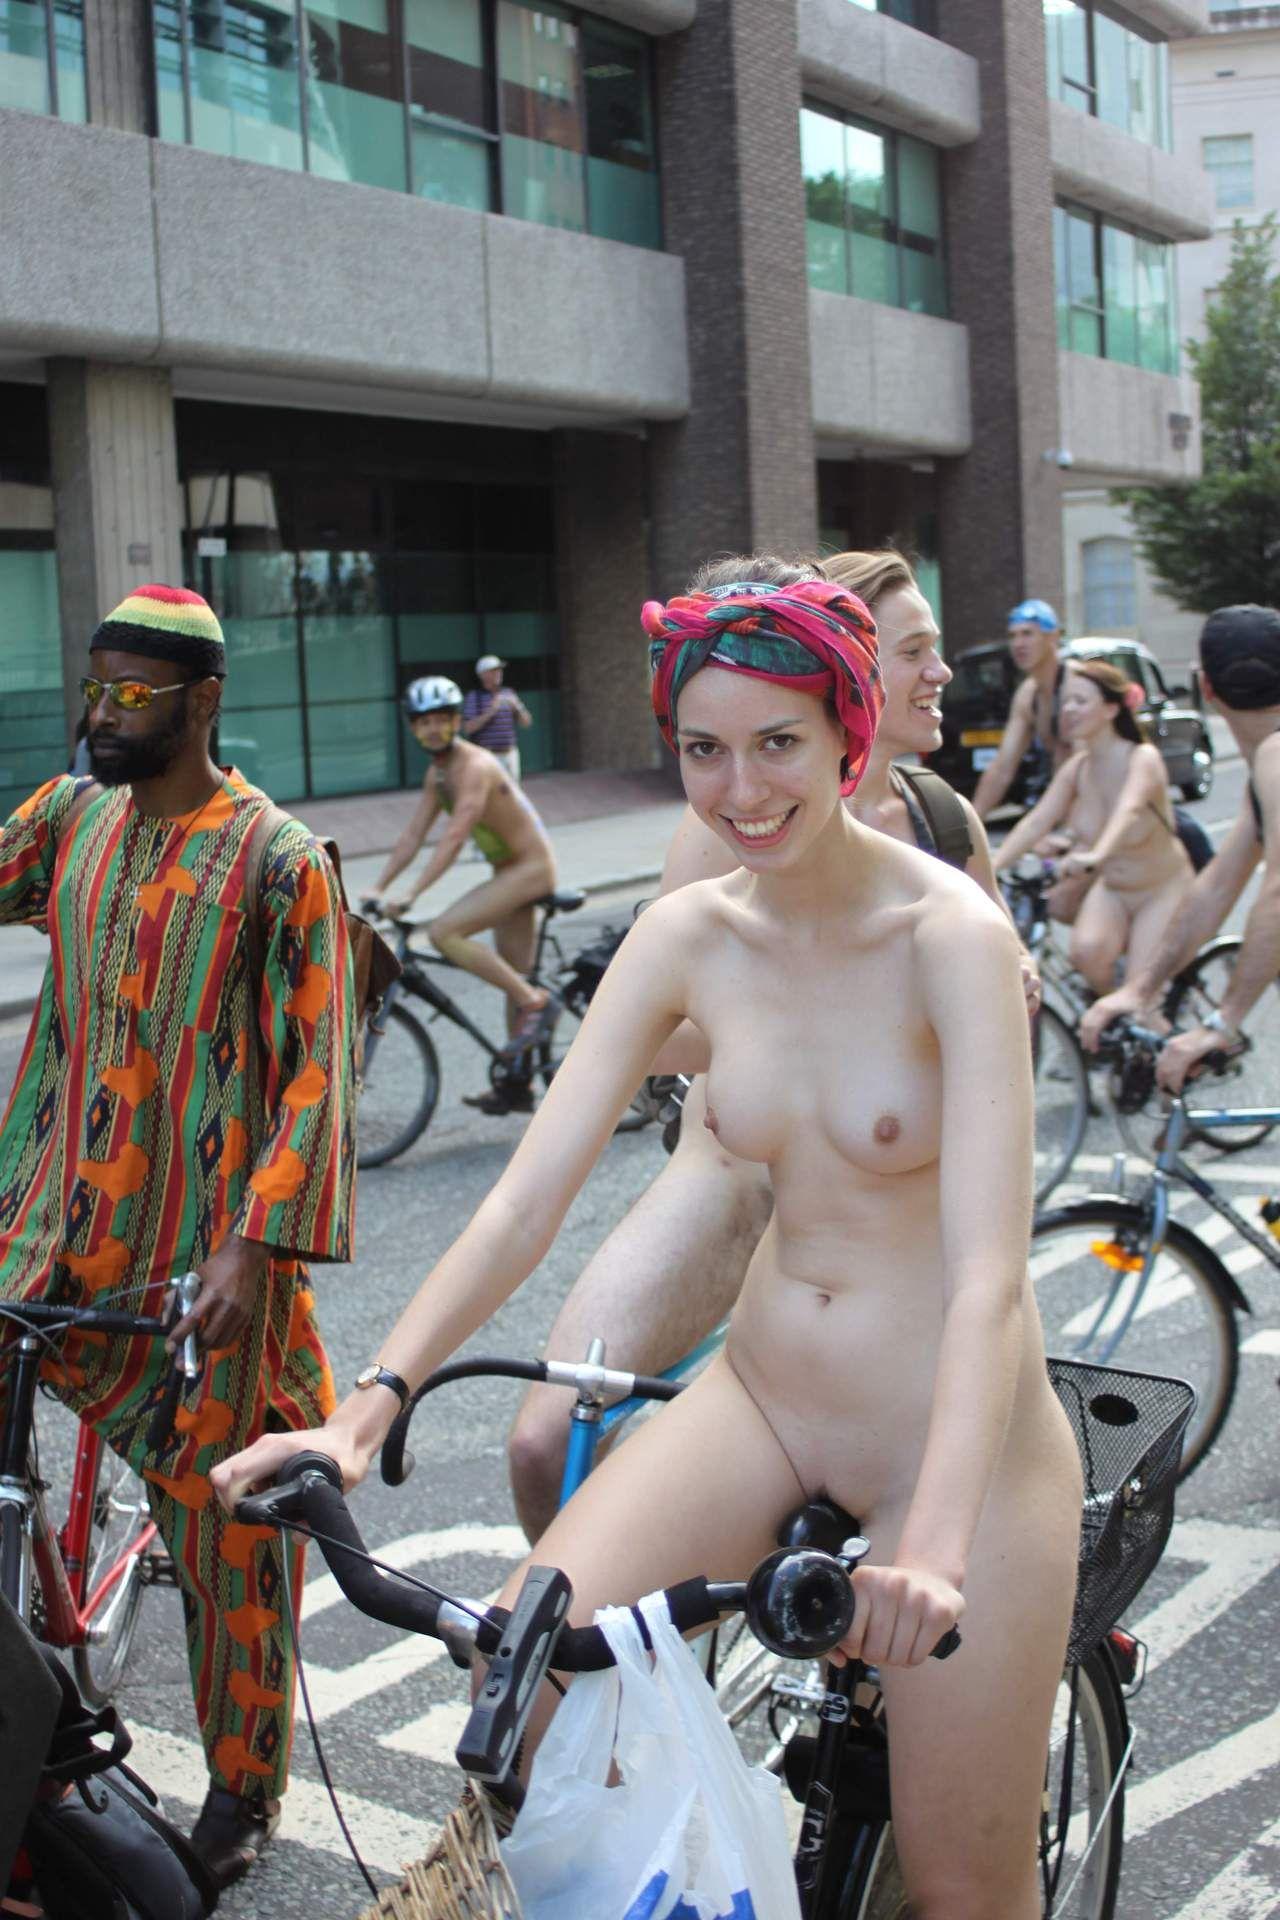 """officialworldnakedbikeride: """" World Naked Bike Ride, London 2012 """" Lovely photo"""